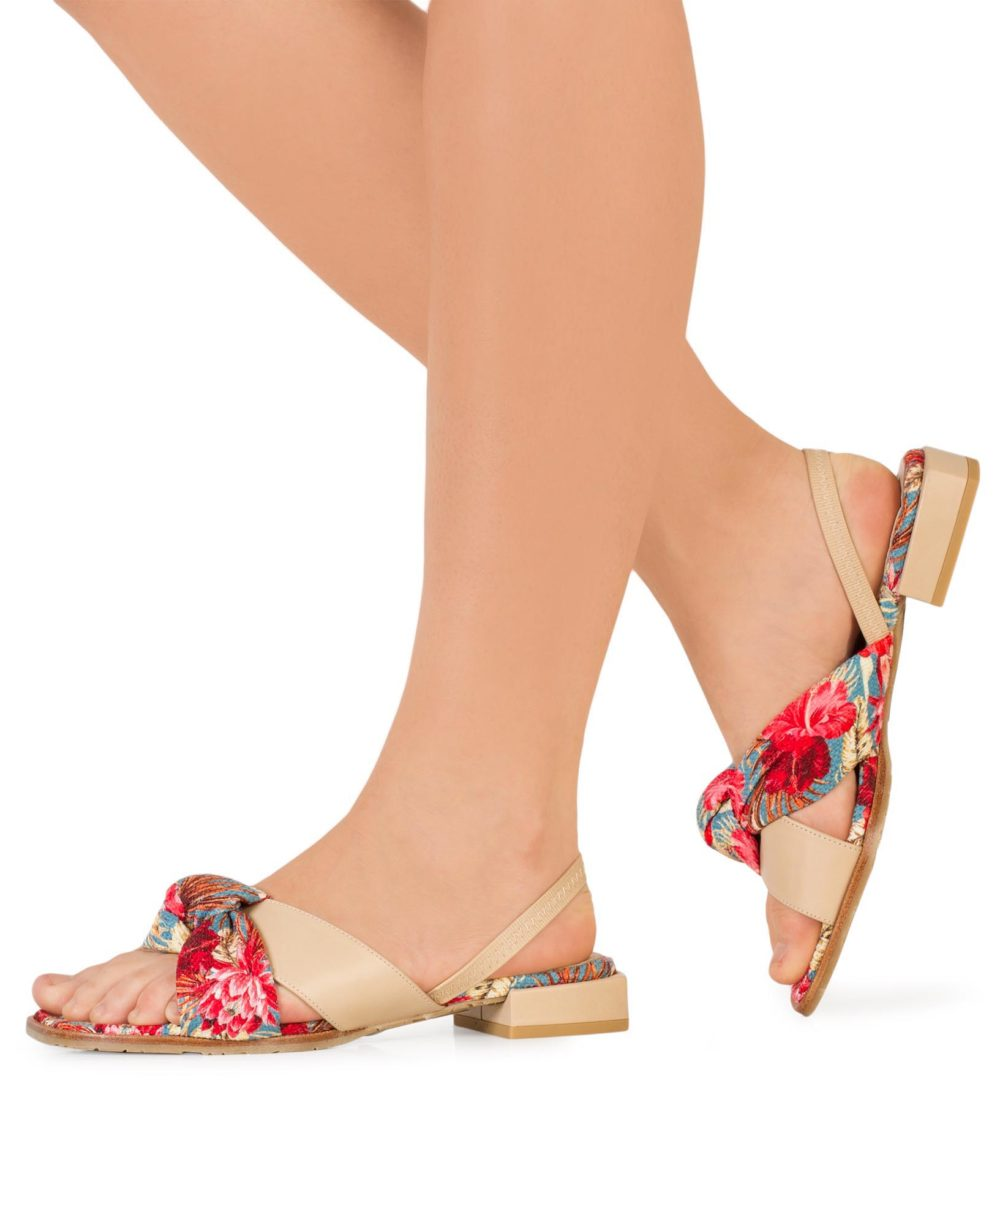 Sandalias de Piel Paco Gil - P-3920 Multi Beige Flores Beige Madison Piernas